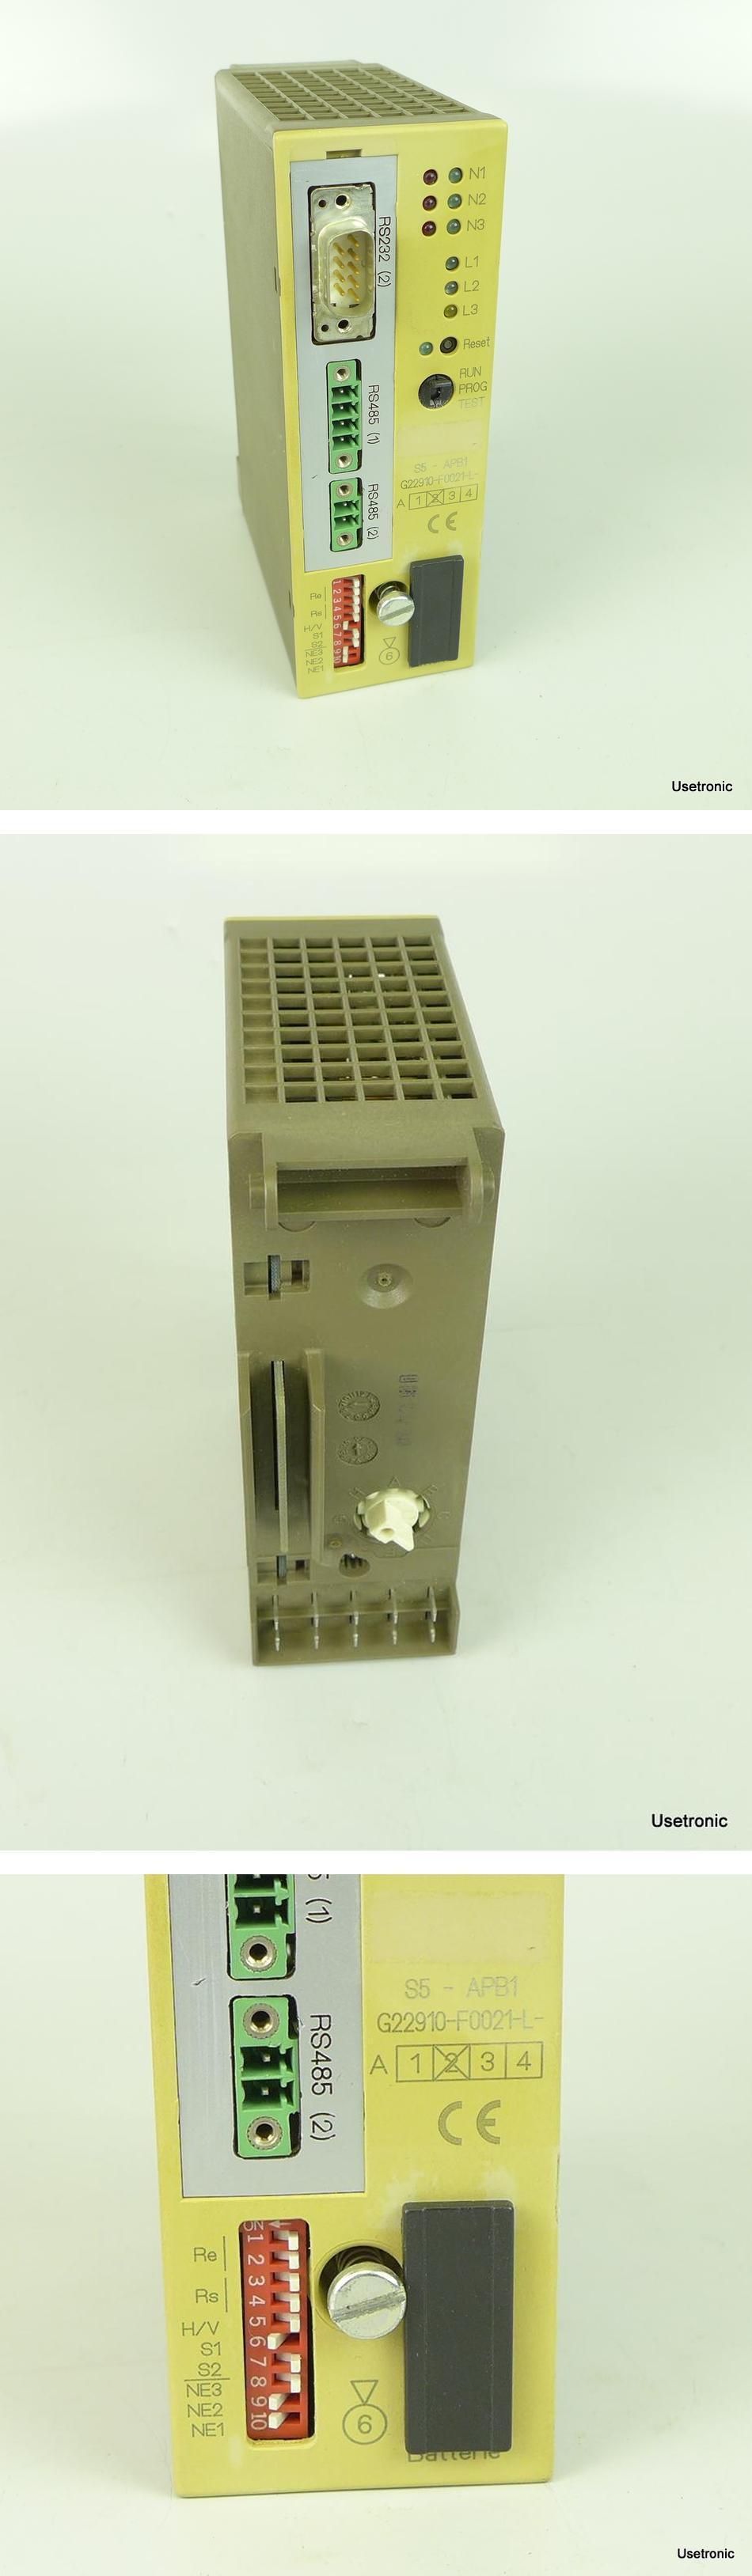 Siemens S5-APB1 G22910-F0021